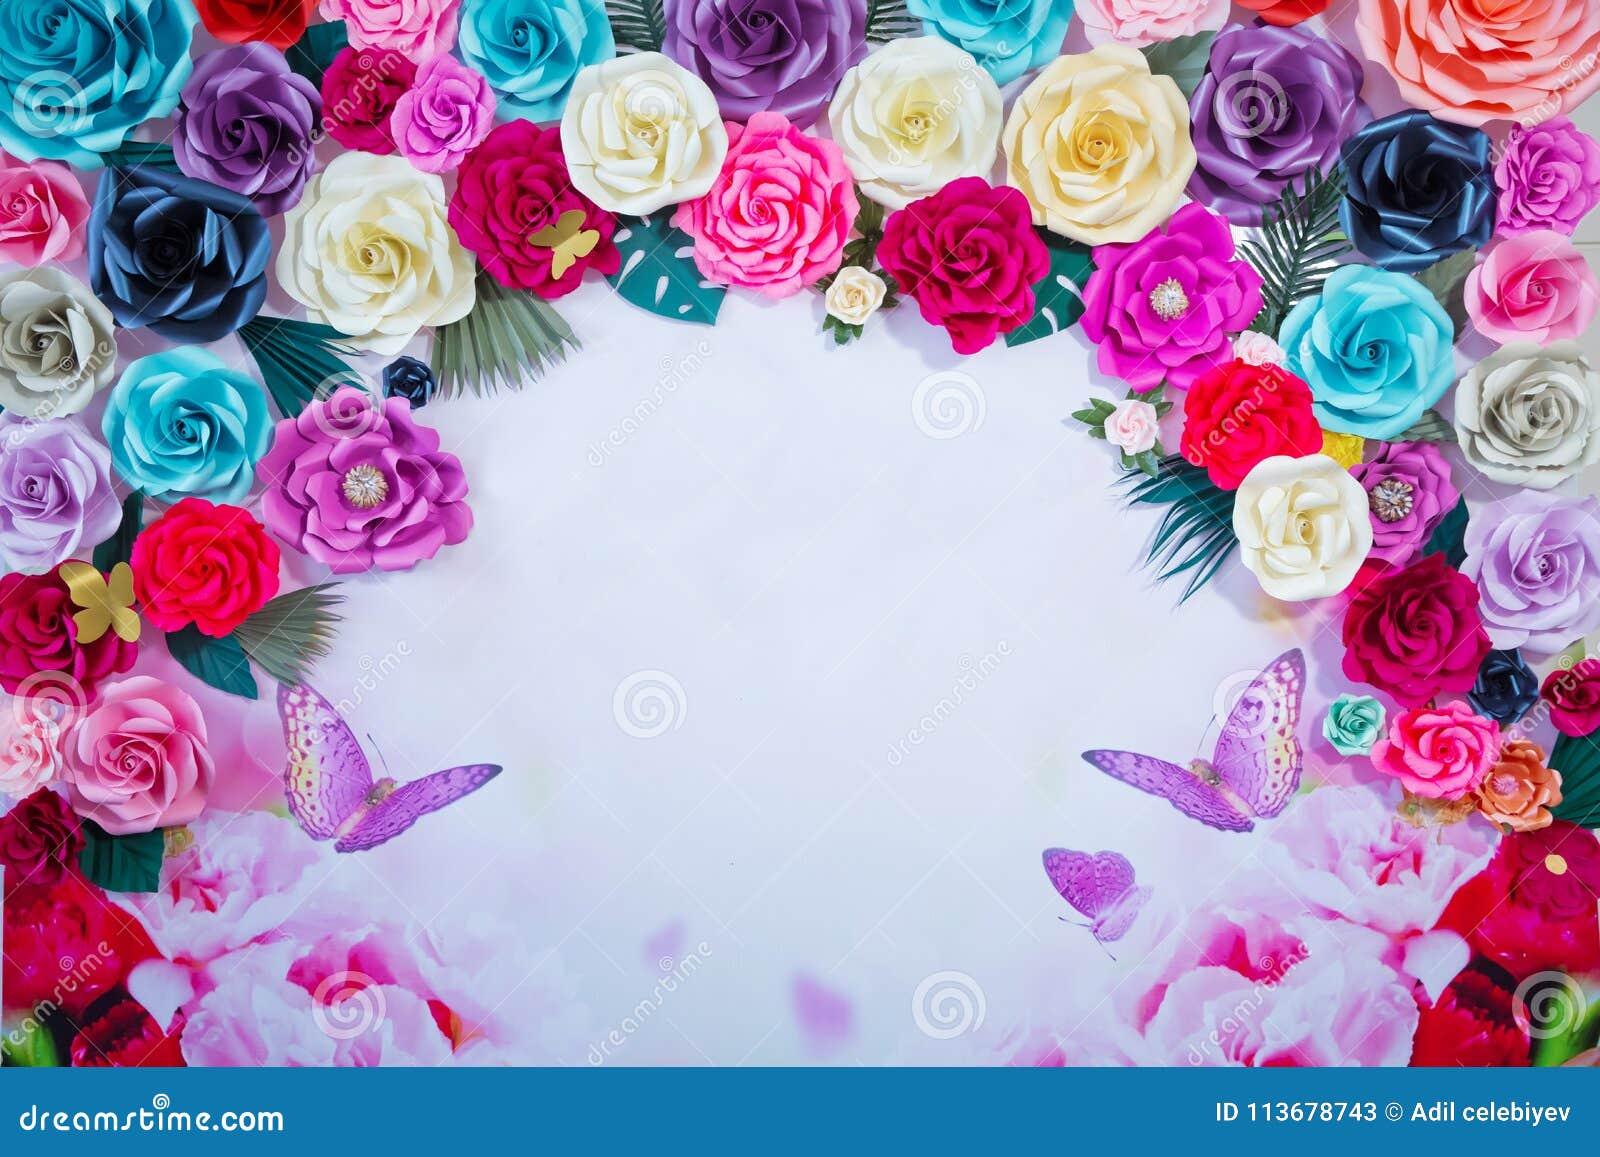 Fondo Coloreado De La Flor Para Escribir Capítulo Hecho De Flores